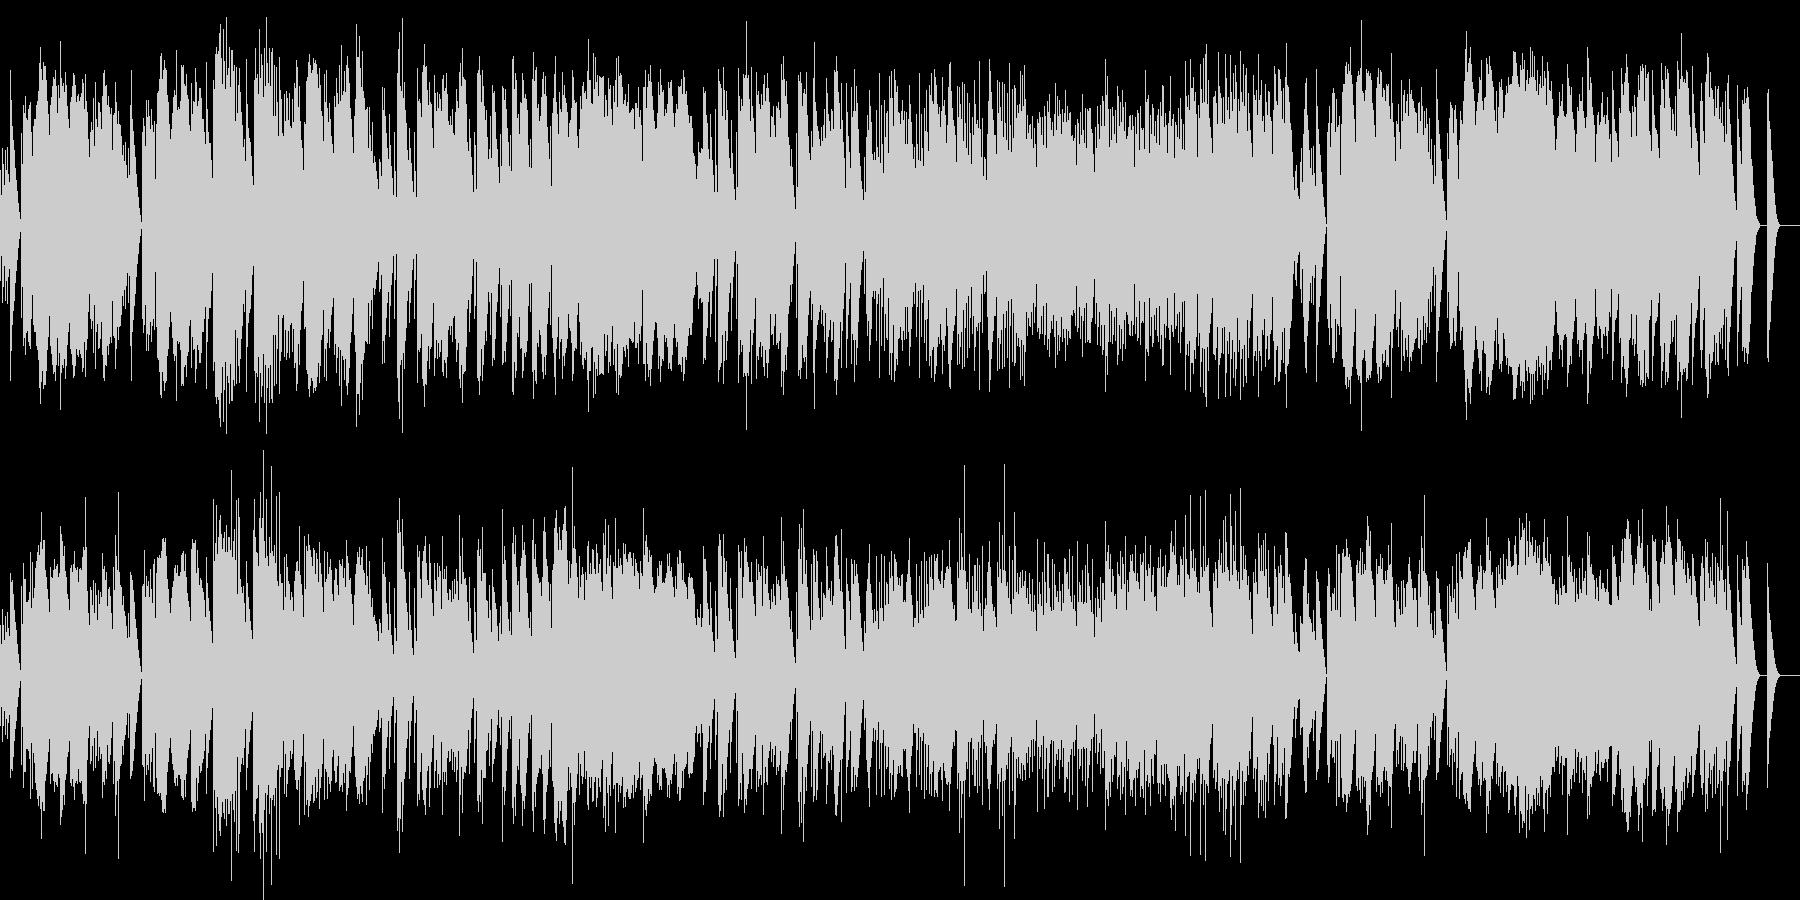 ベルガマスク組曲 前奏曲 オルゴールの未再生の波形